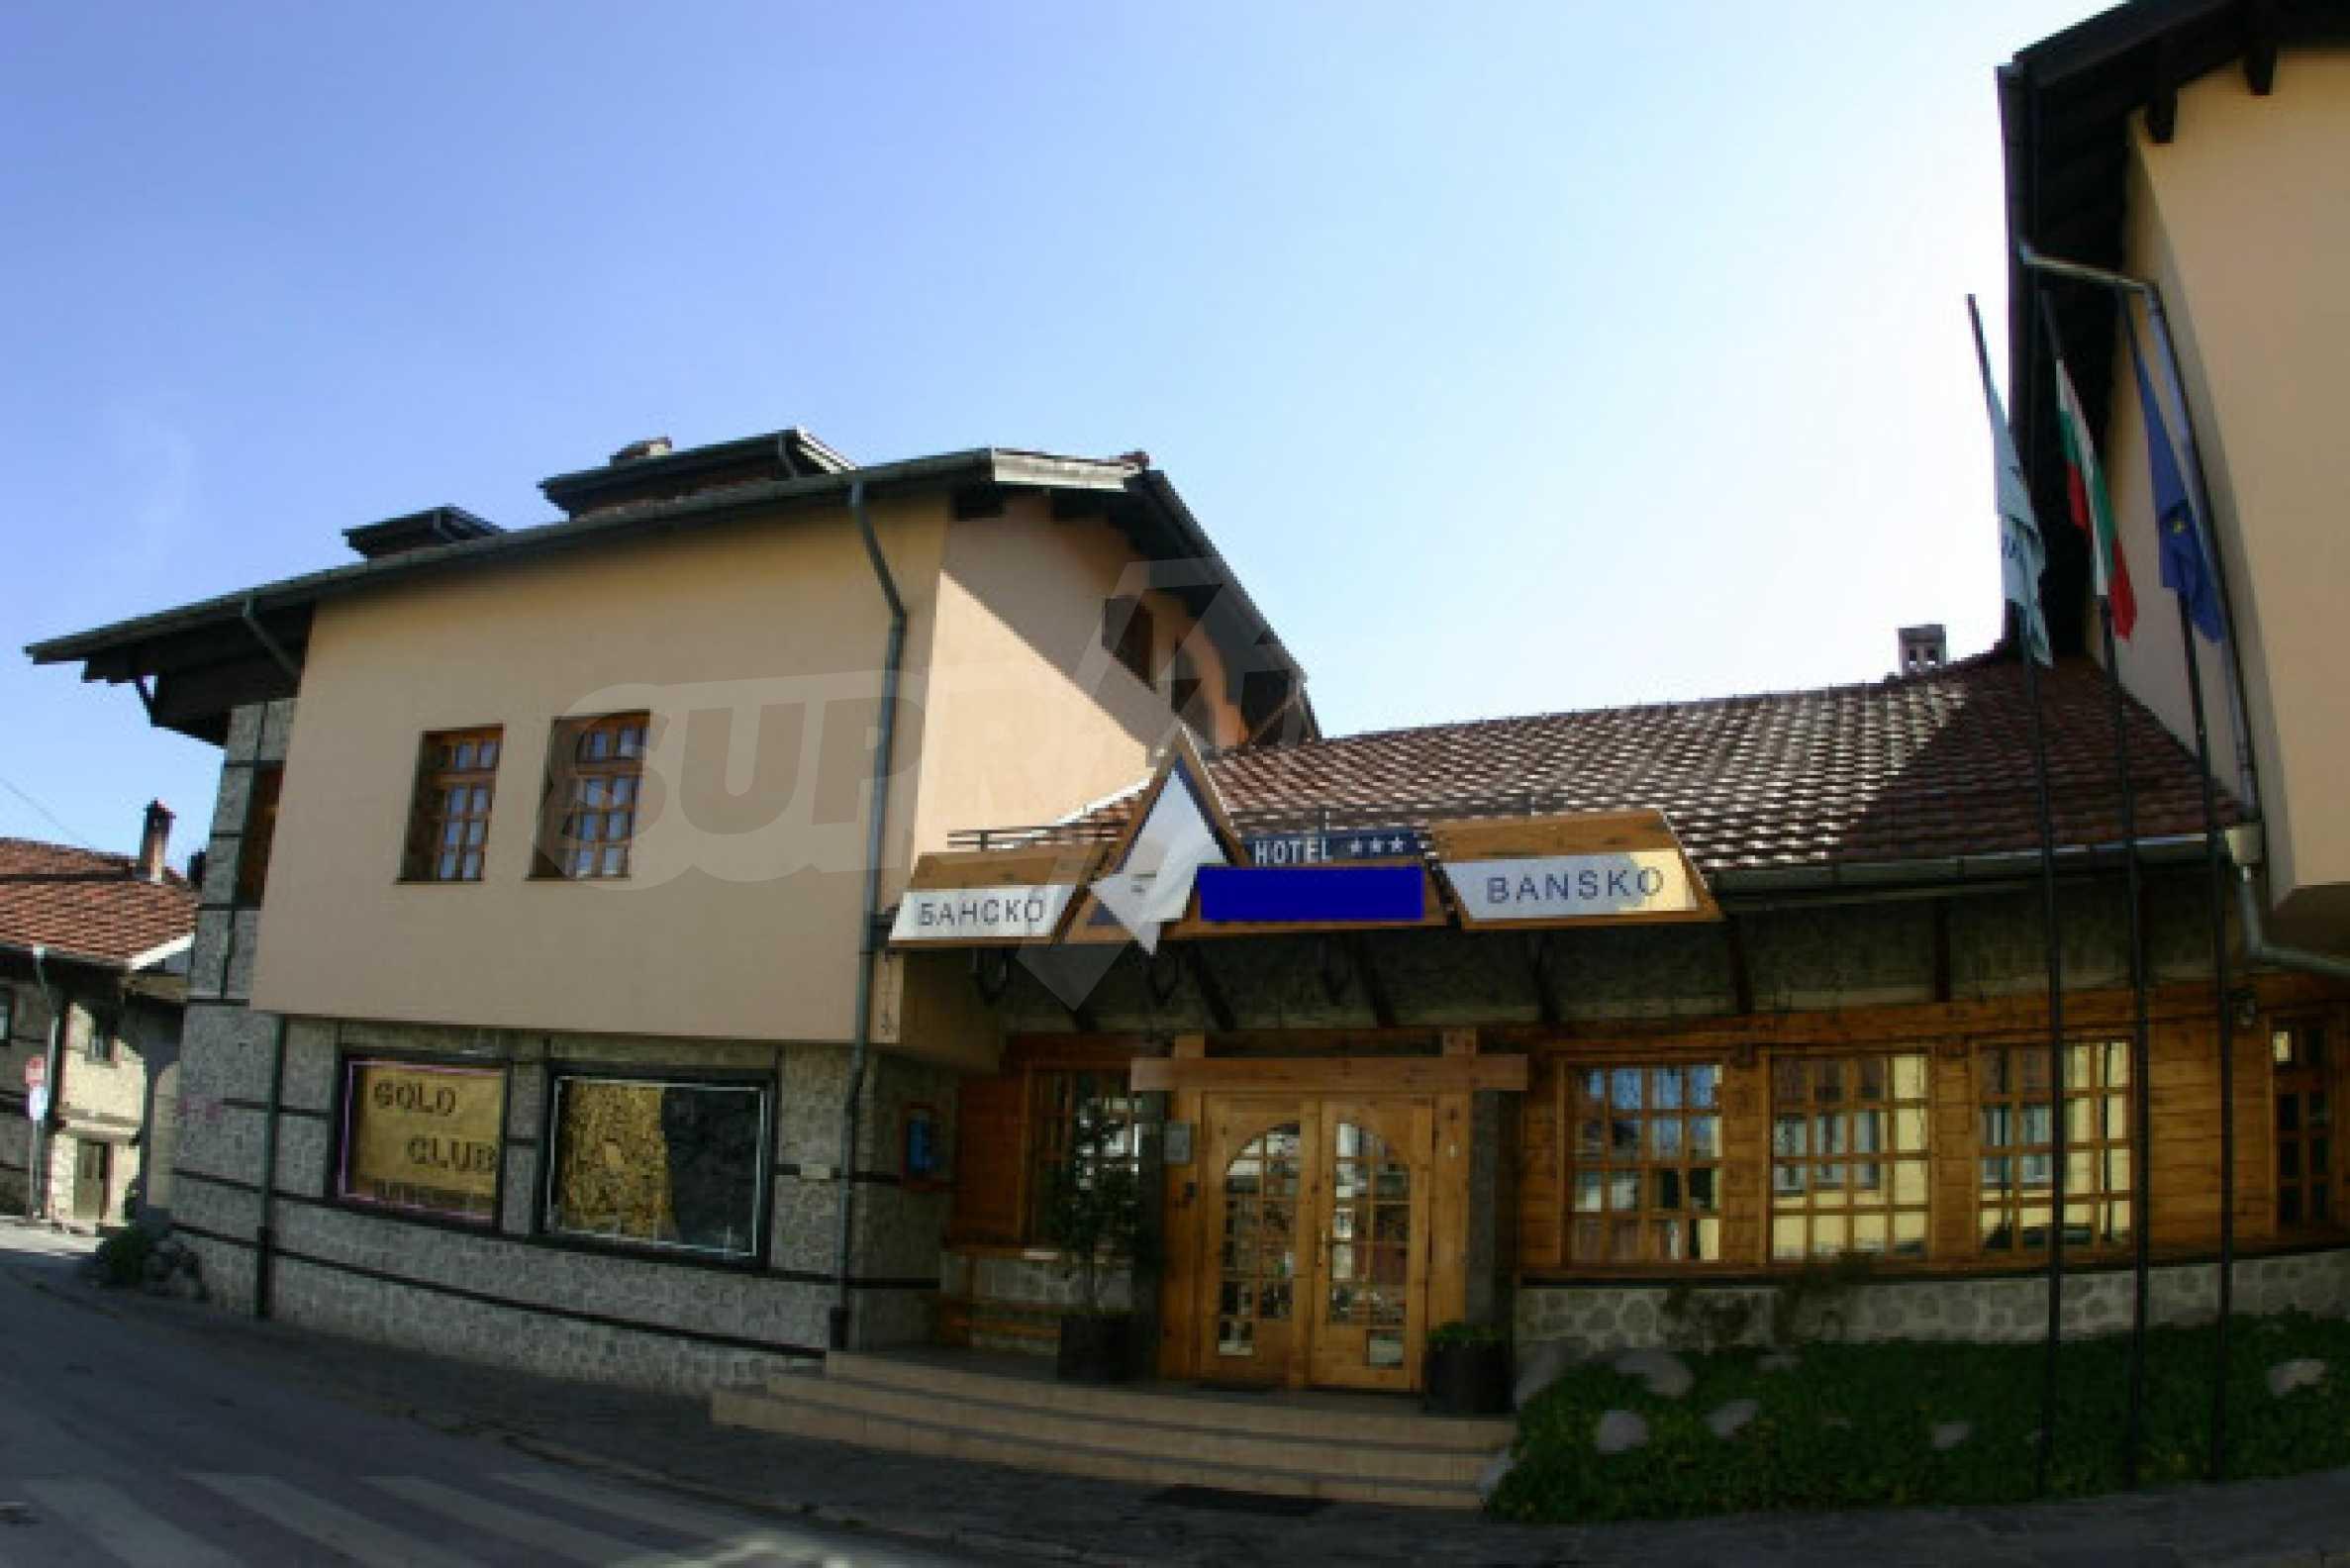 Отель на главной торговой улице Банско